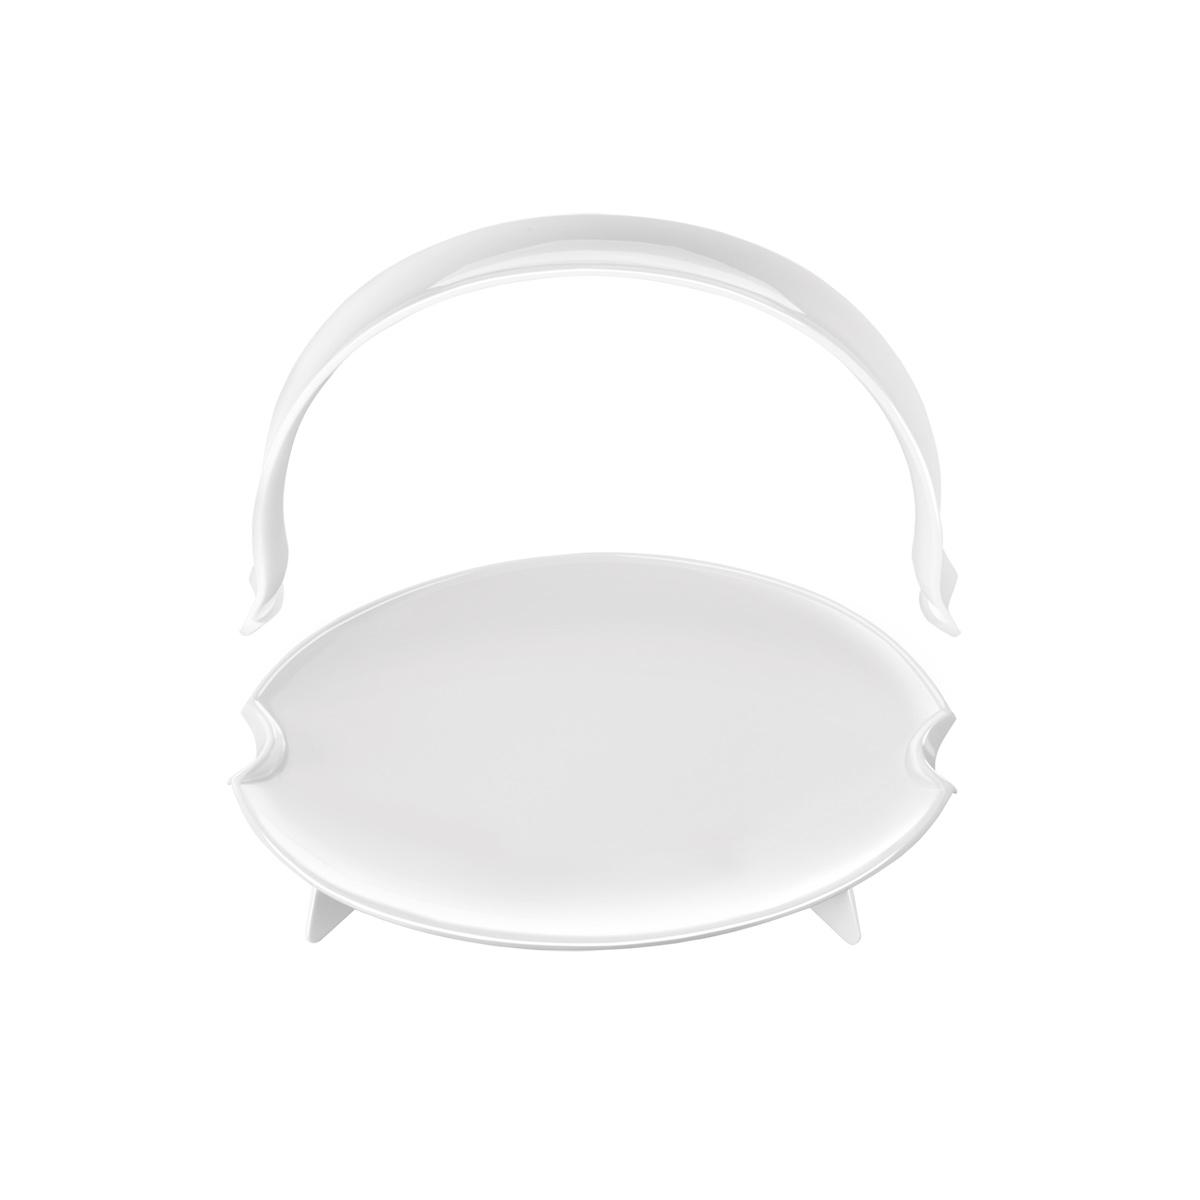 Napařovací talíř PRESTO Steam ø 20 cm